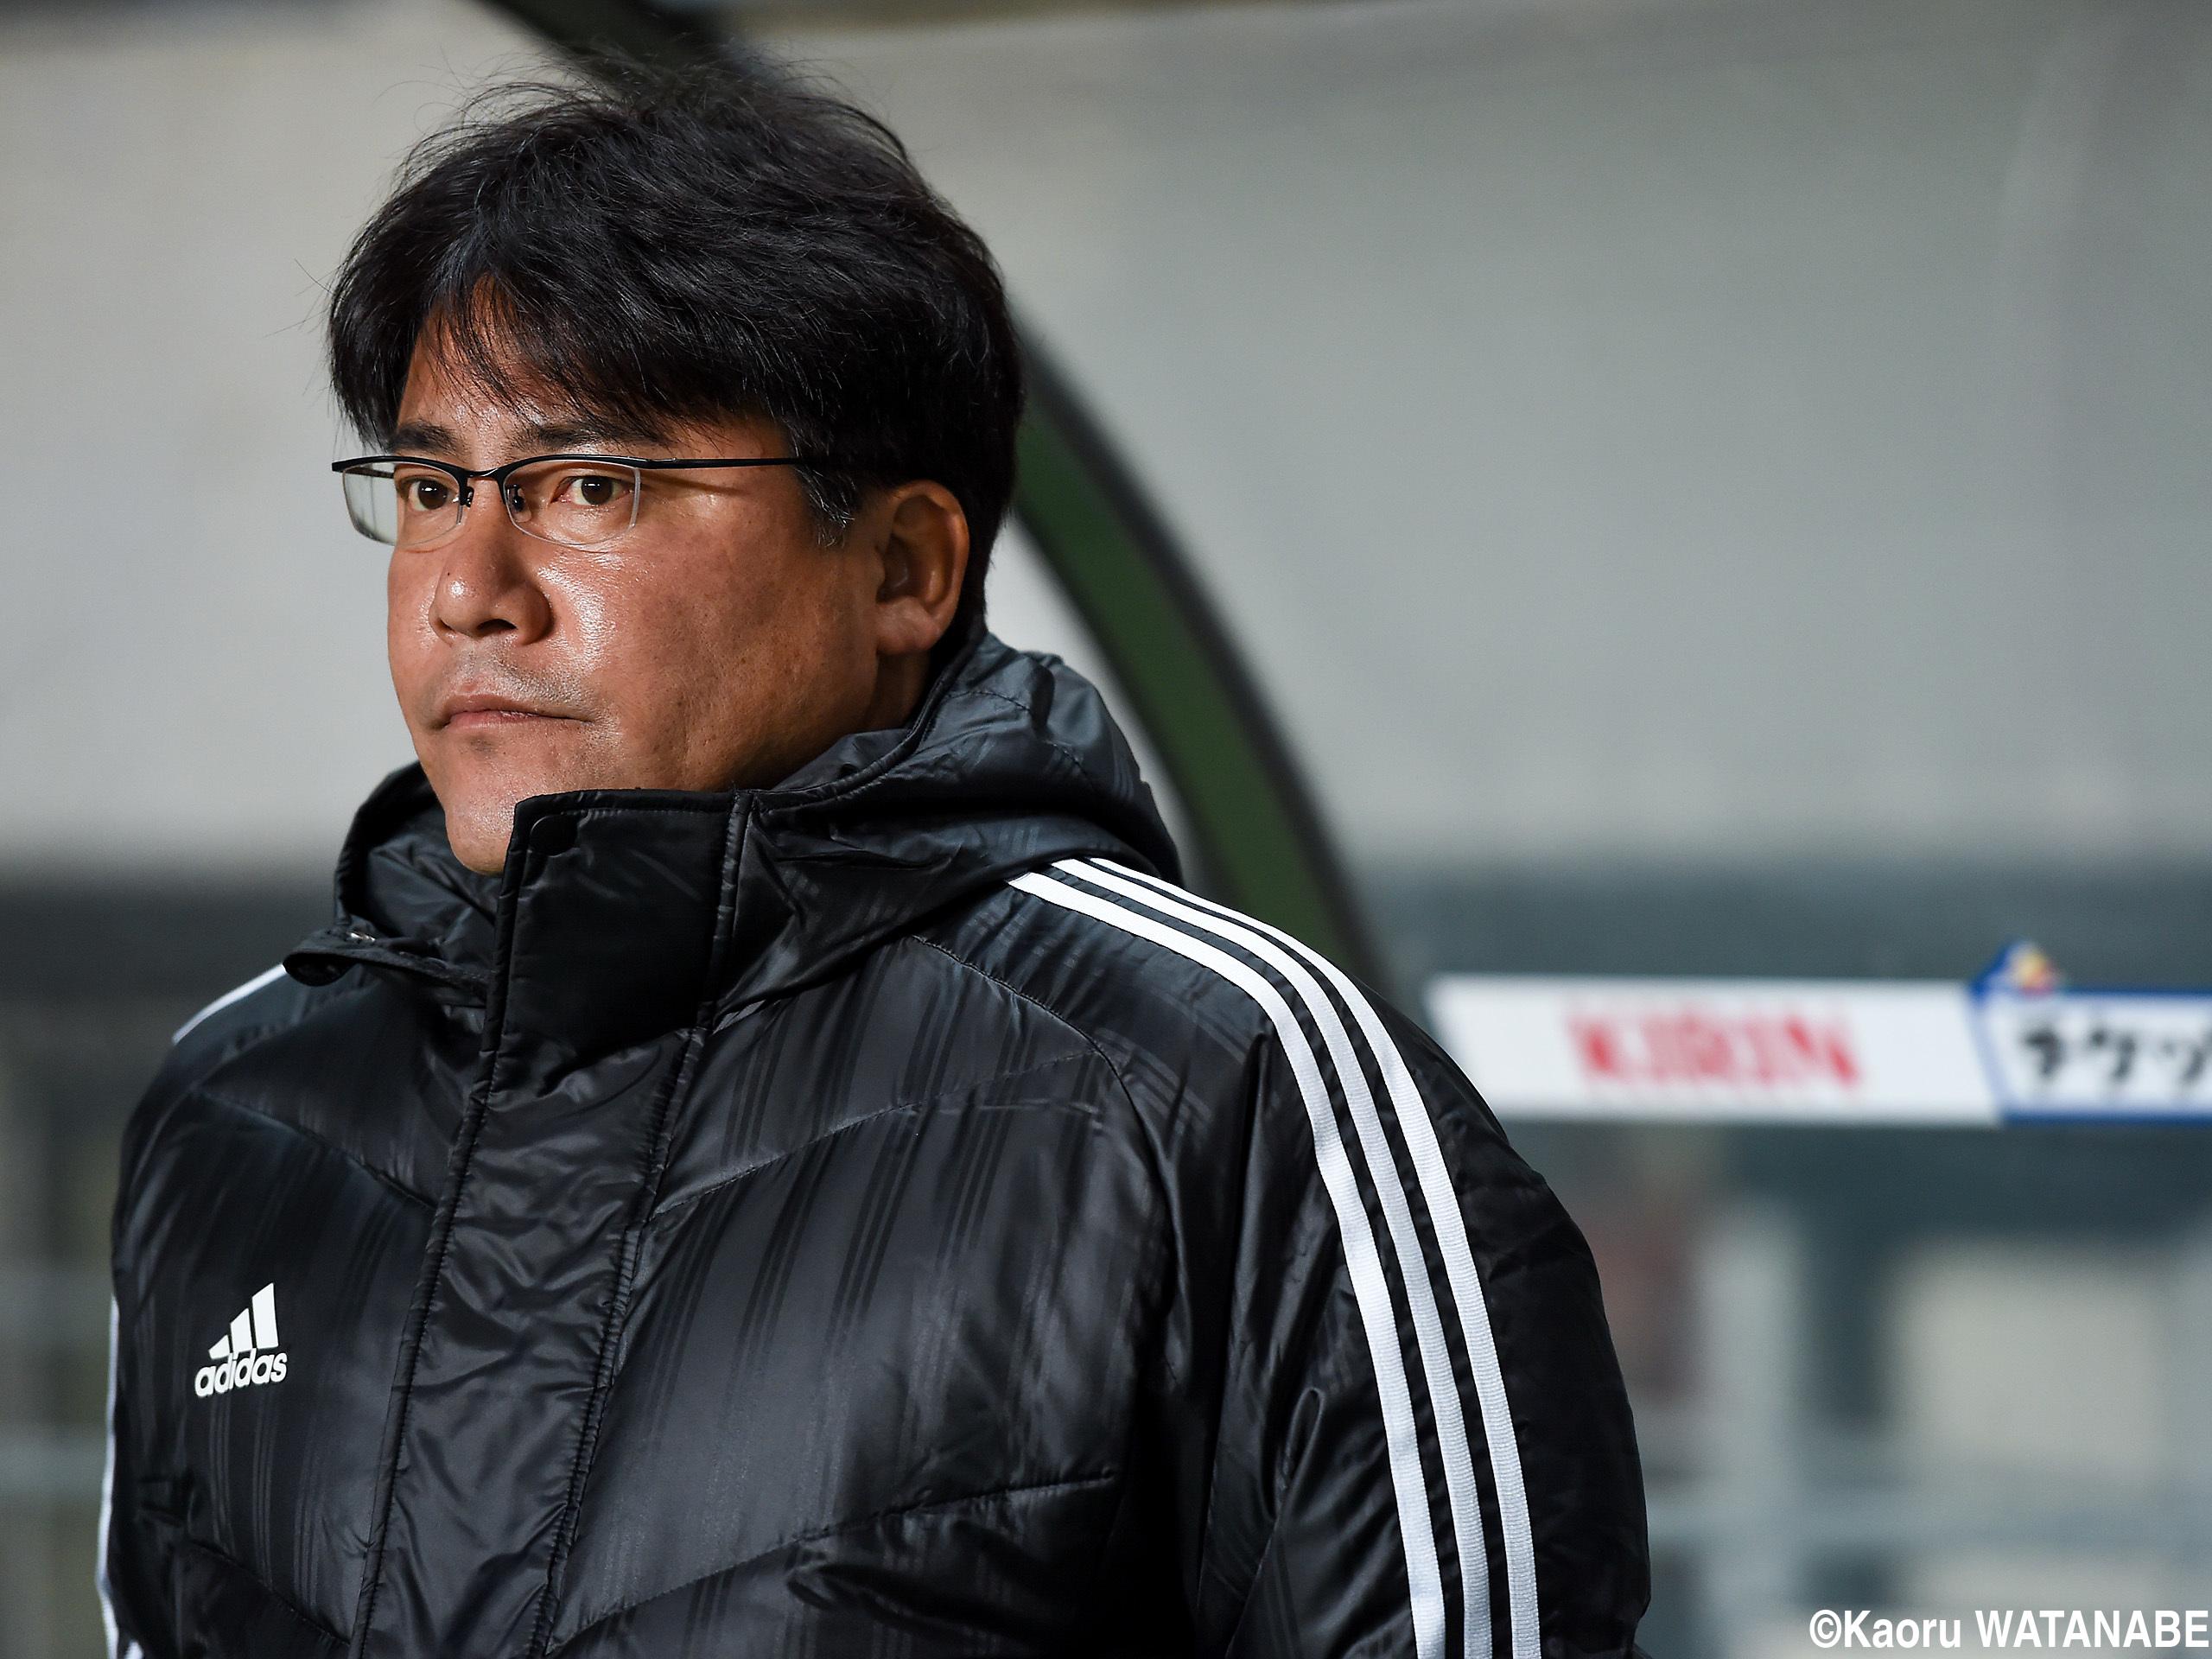 東日本大震災から4年…U-22代表・手倉森監督「希望の光を放ち続けたい」